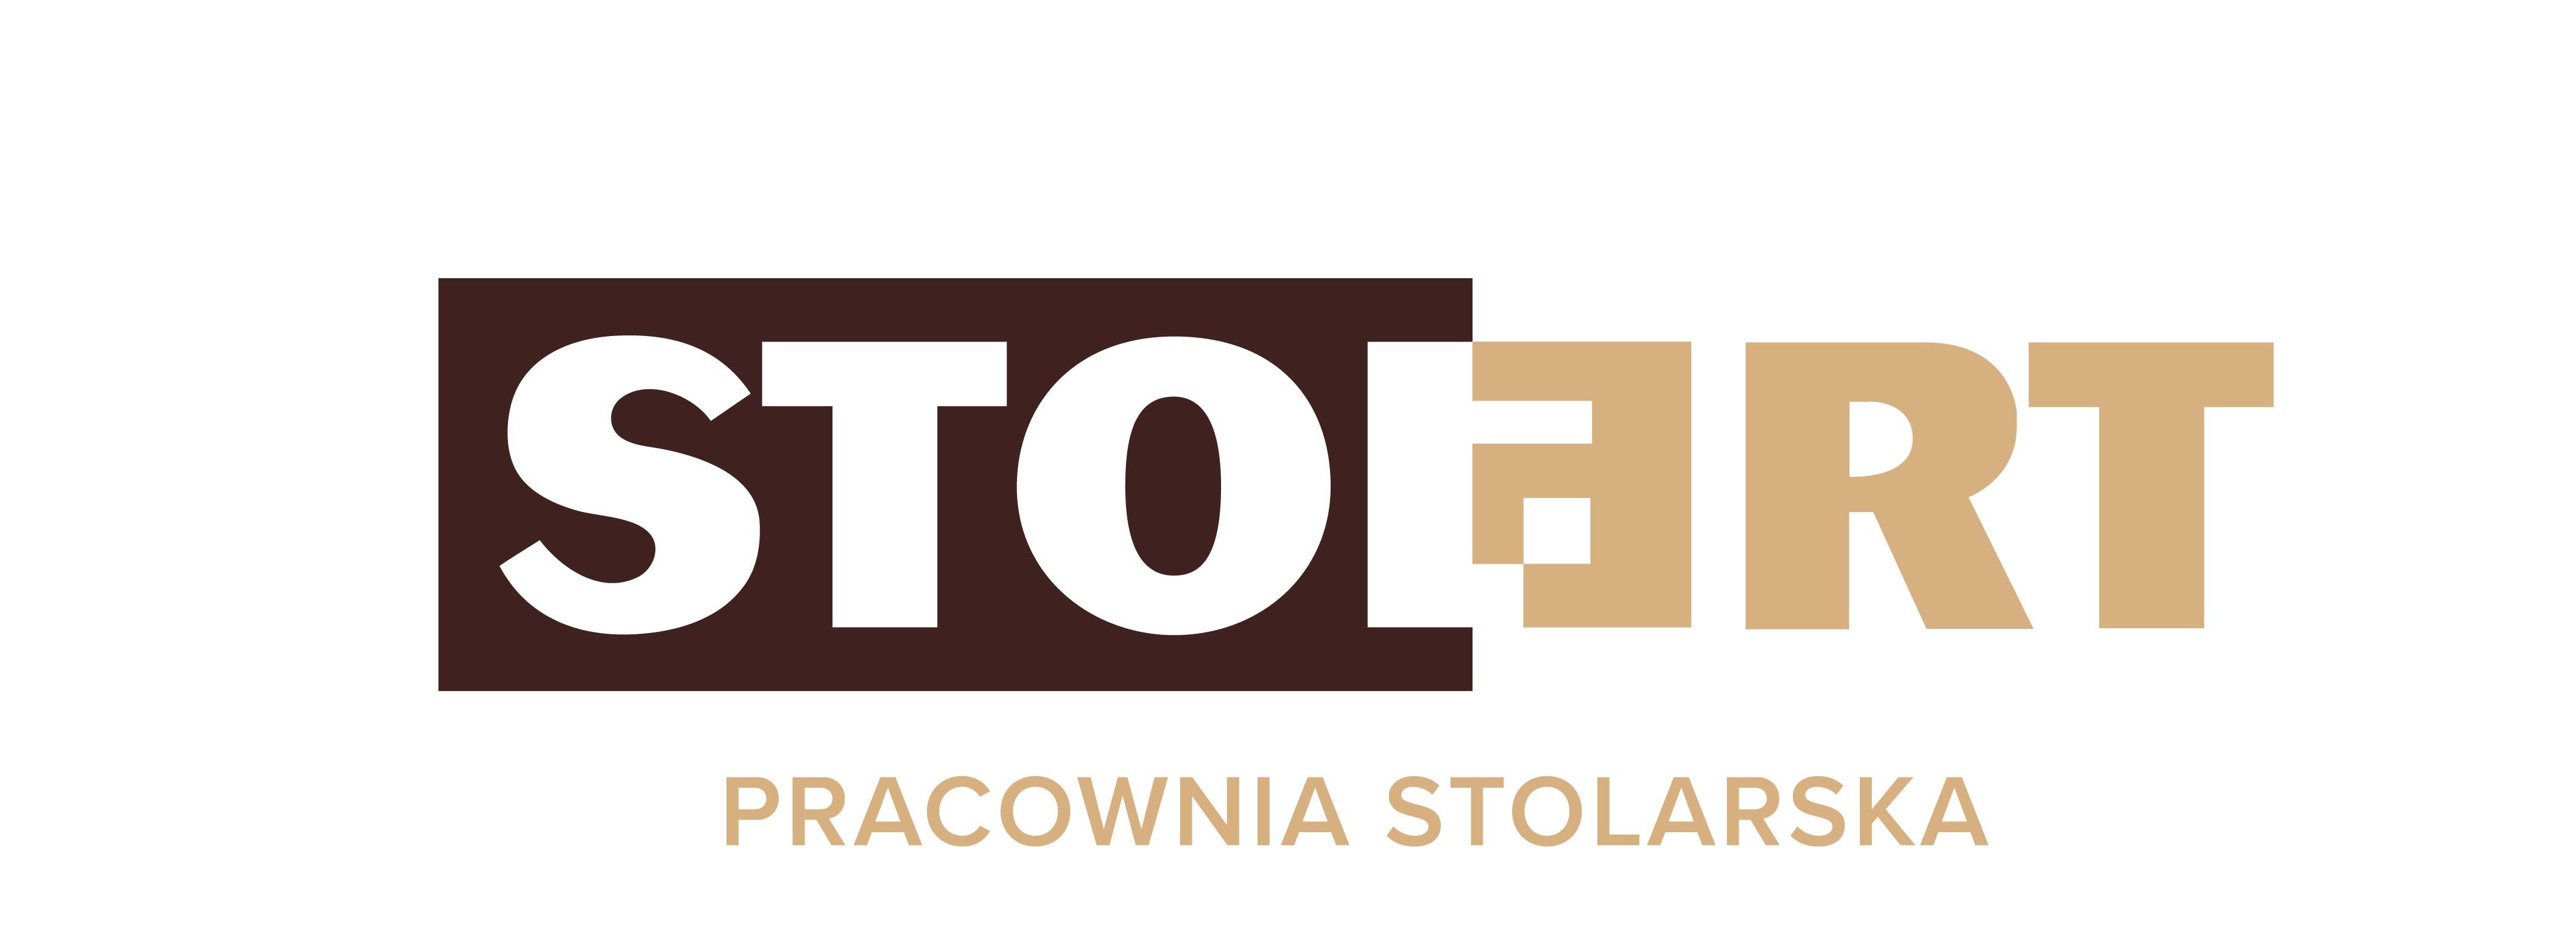 STOL - ART Wojciech Kawiak